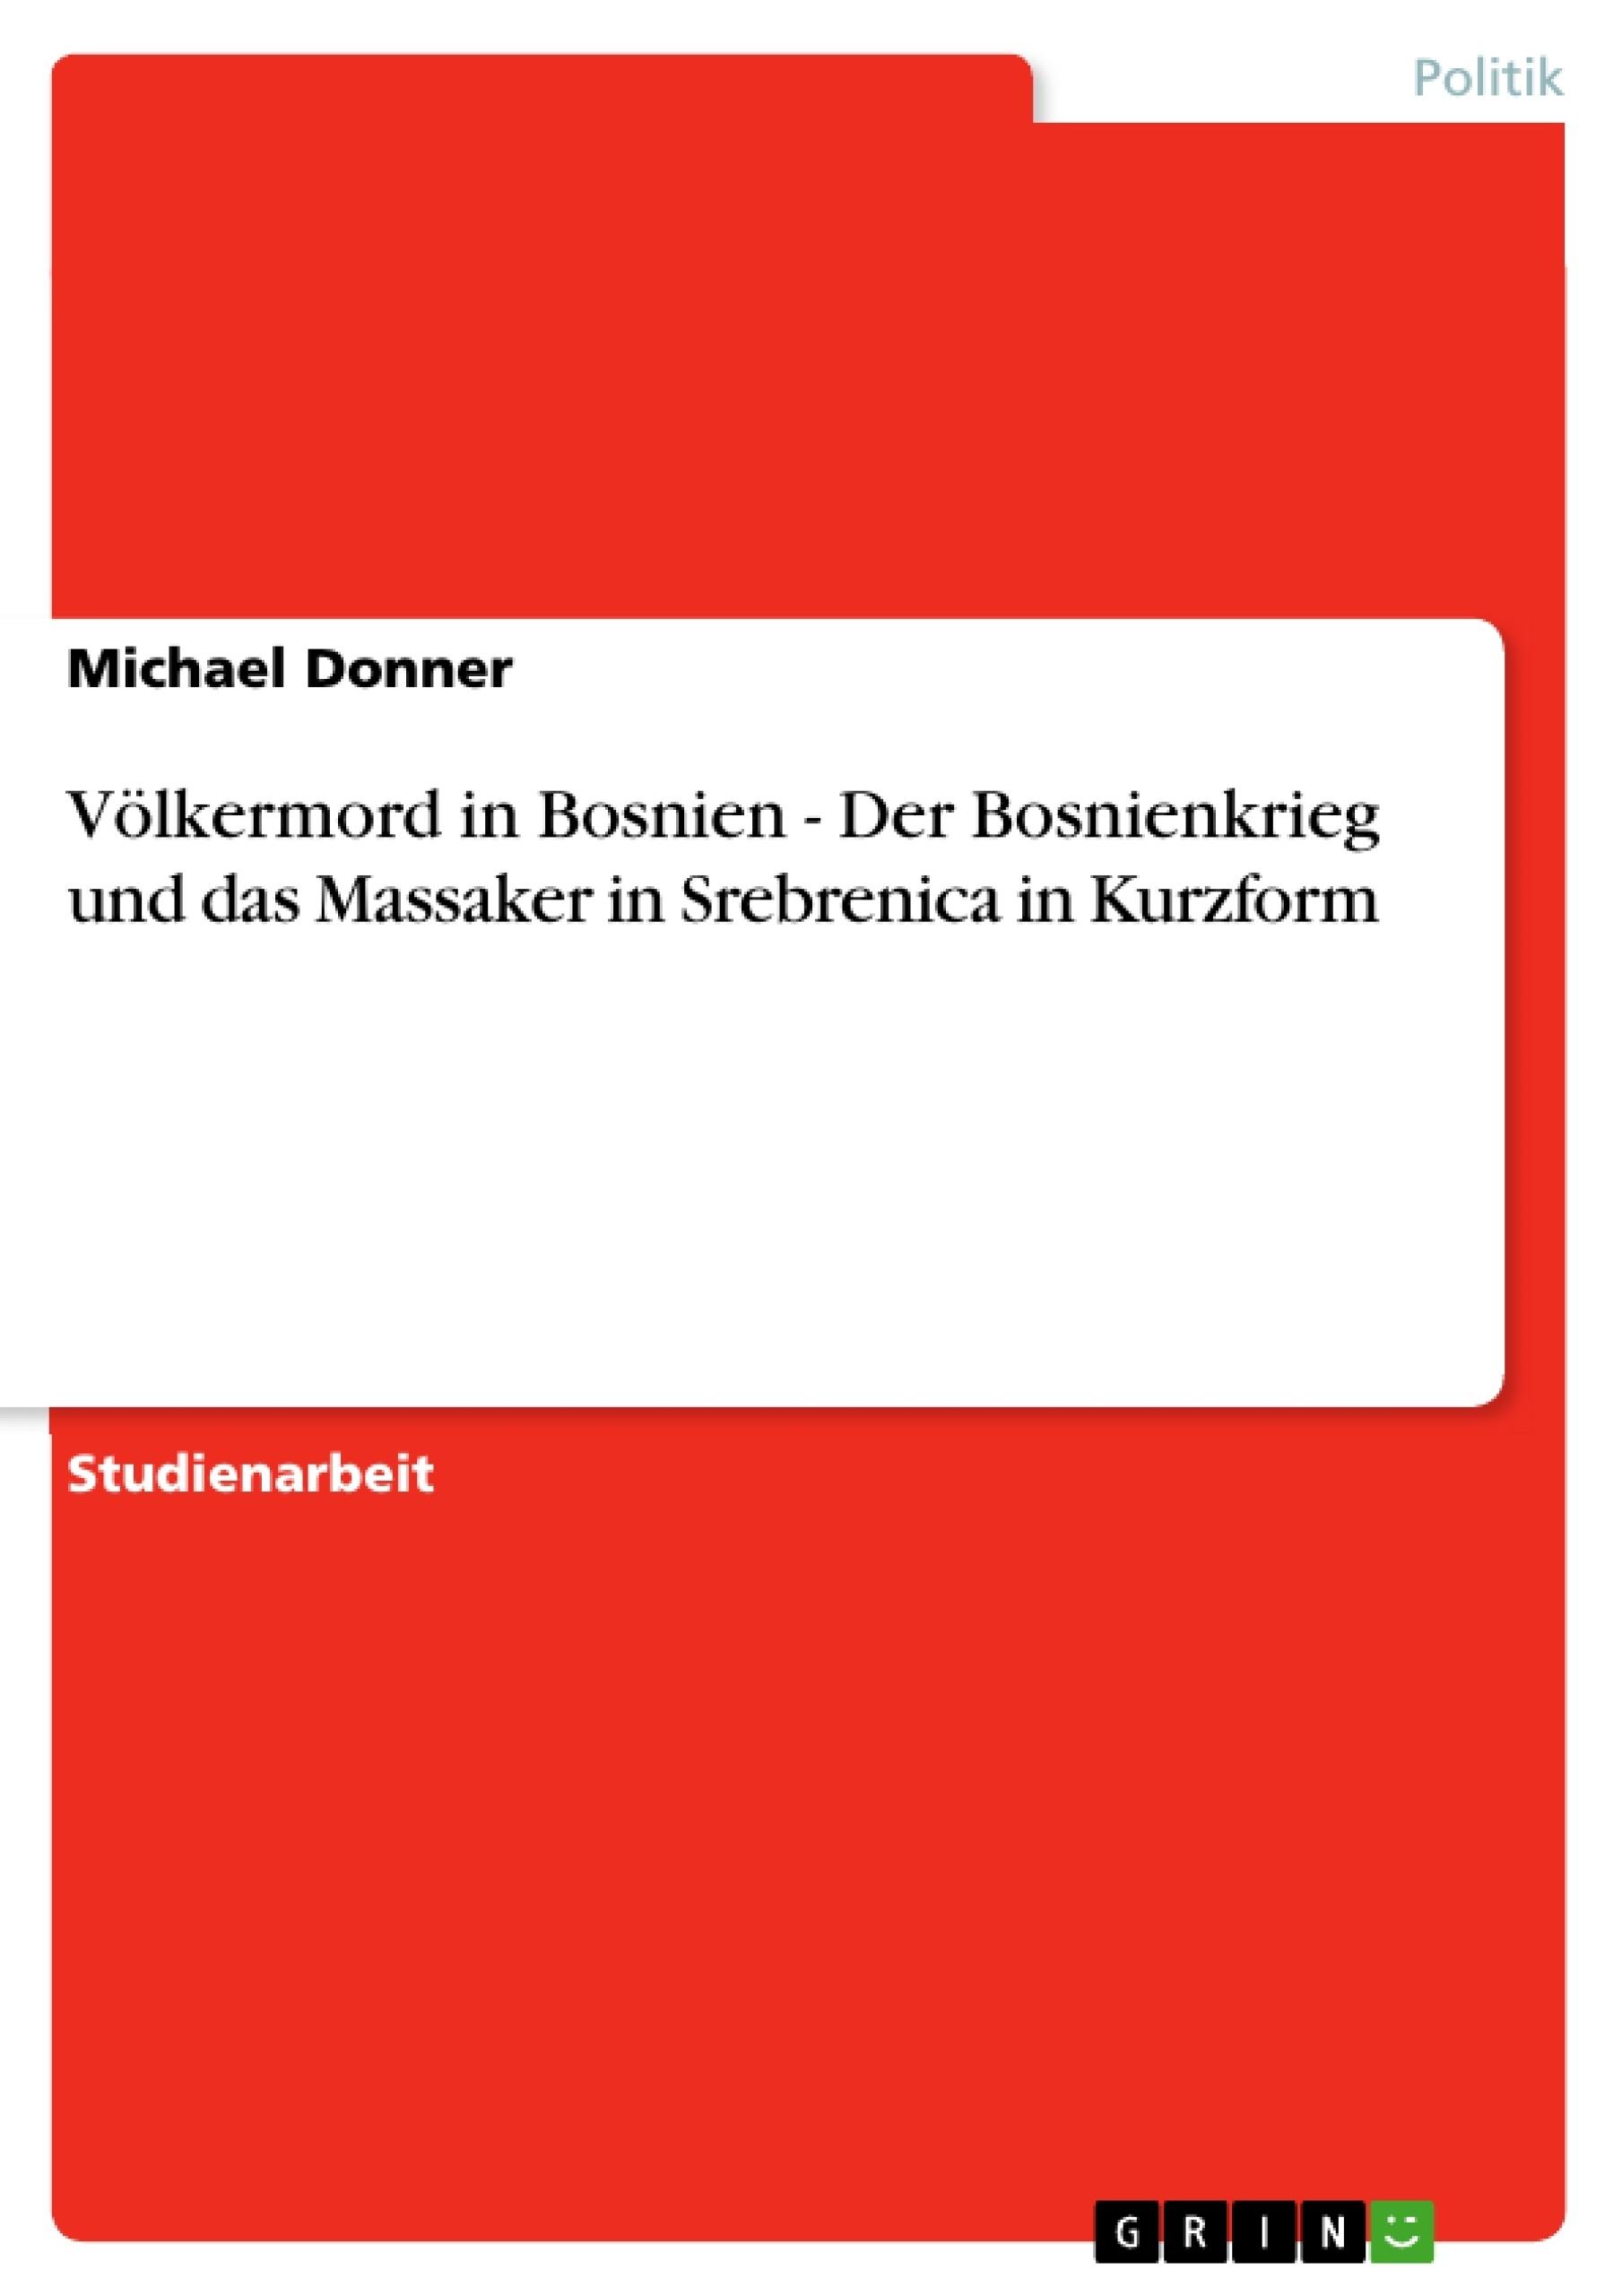 Titel: Völkermord in Bosnien - Der Bosnienkrieg und das Massaker in Srebrenica in Kurzform